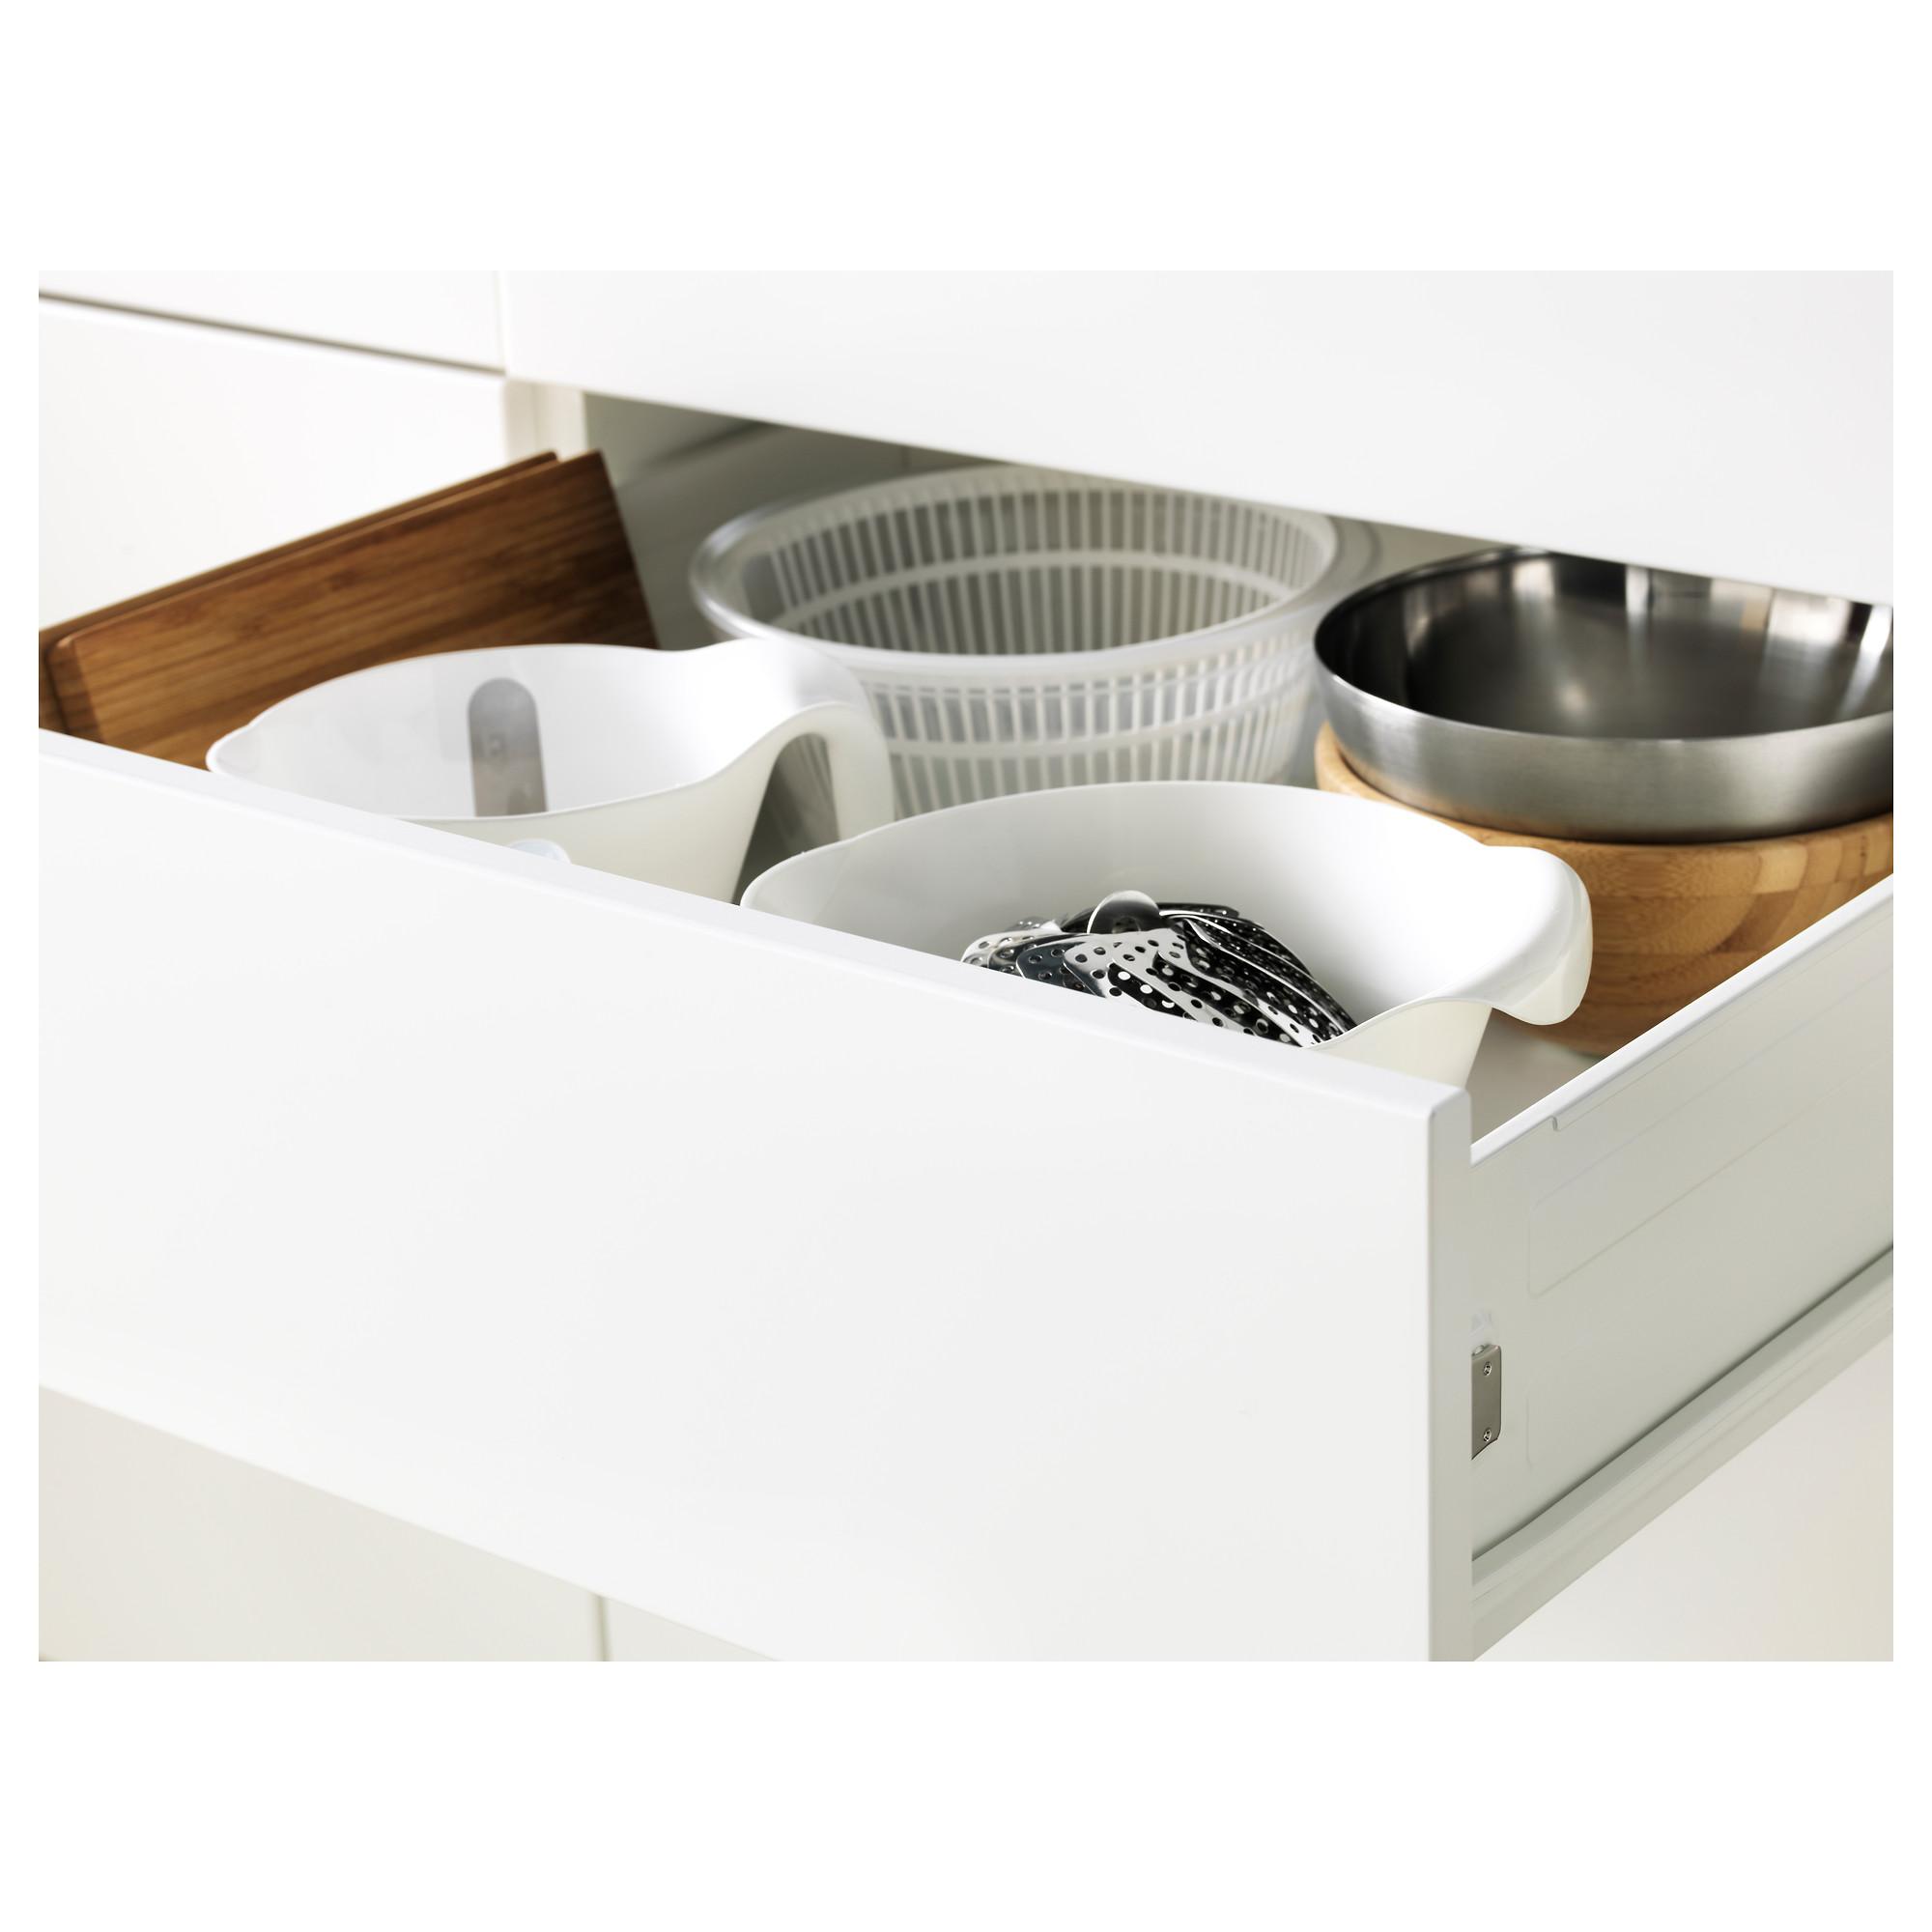 Высокий шкаф для духовки, дверца, 4 ящика МЕТОД / ФОРВАРА черный артикуль № 692.621.17 в наличии. Онлайн магазин IKEA Минск. Недорогая доставка и монтаж.